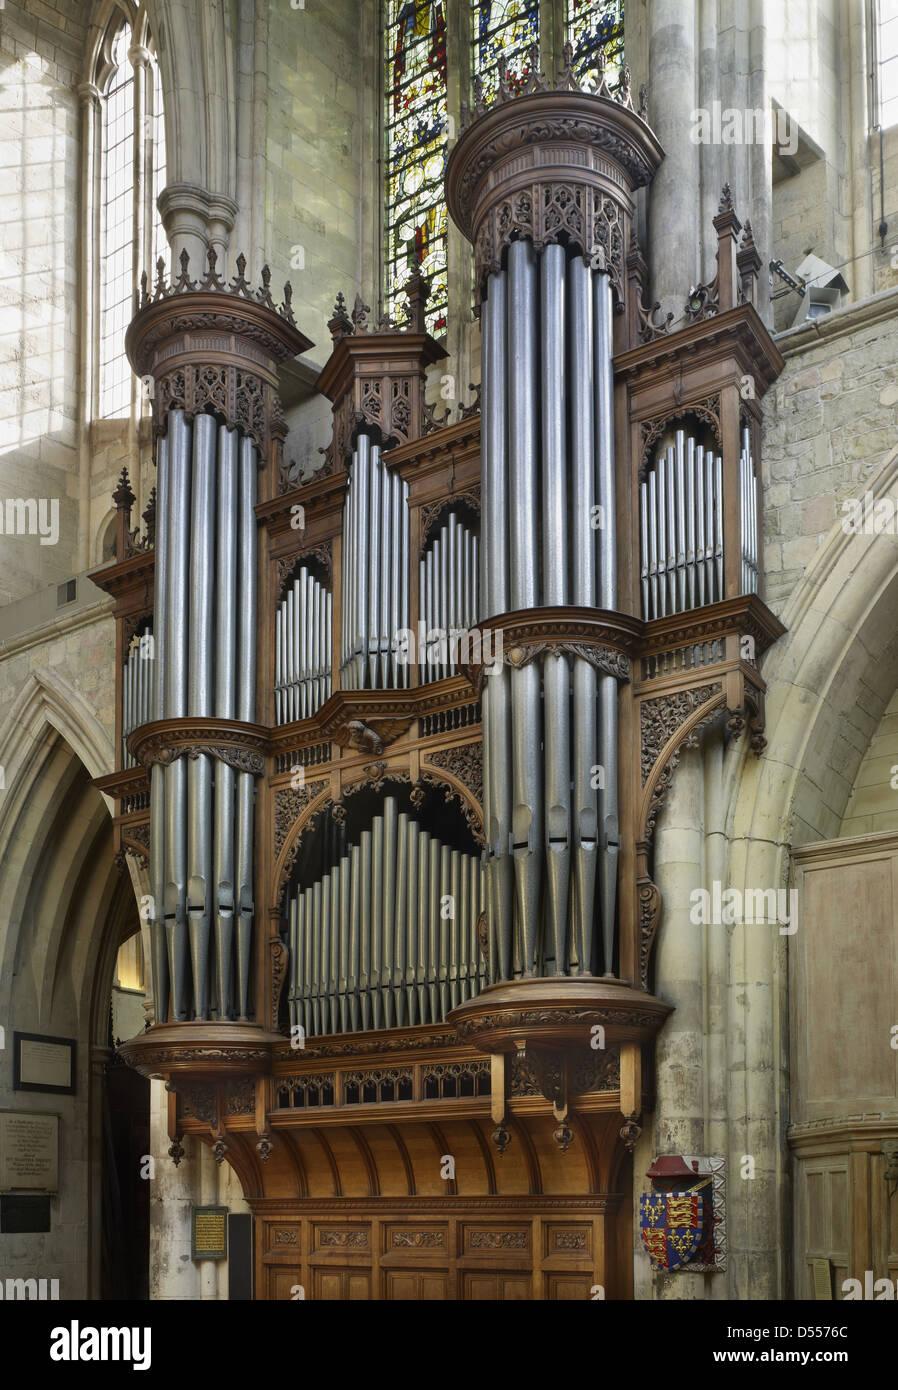 Orgue de la cathédrale de Southwark Photo Stock